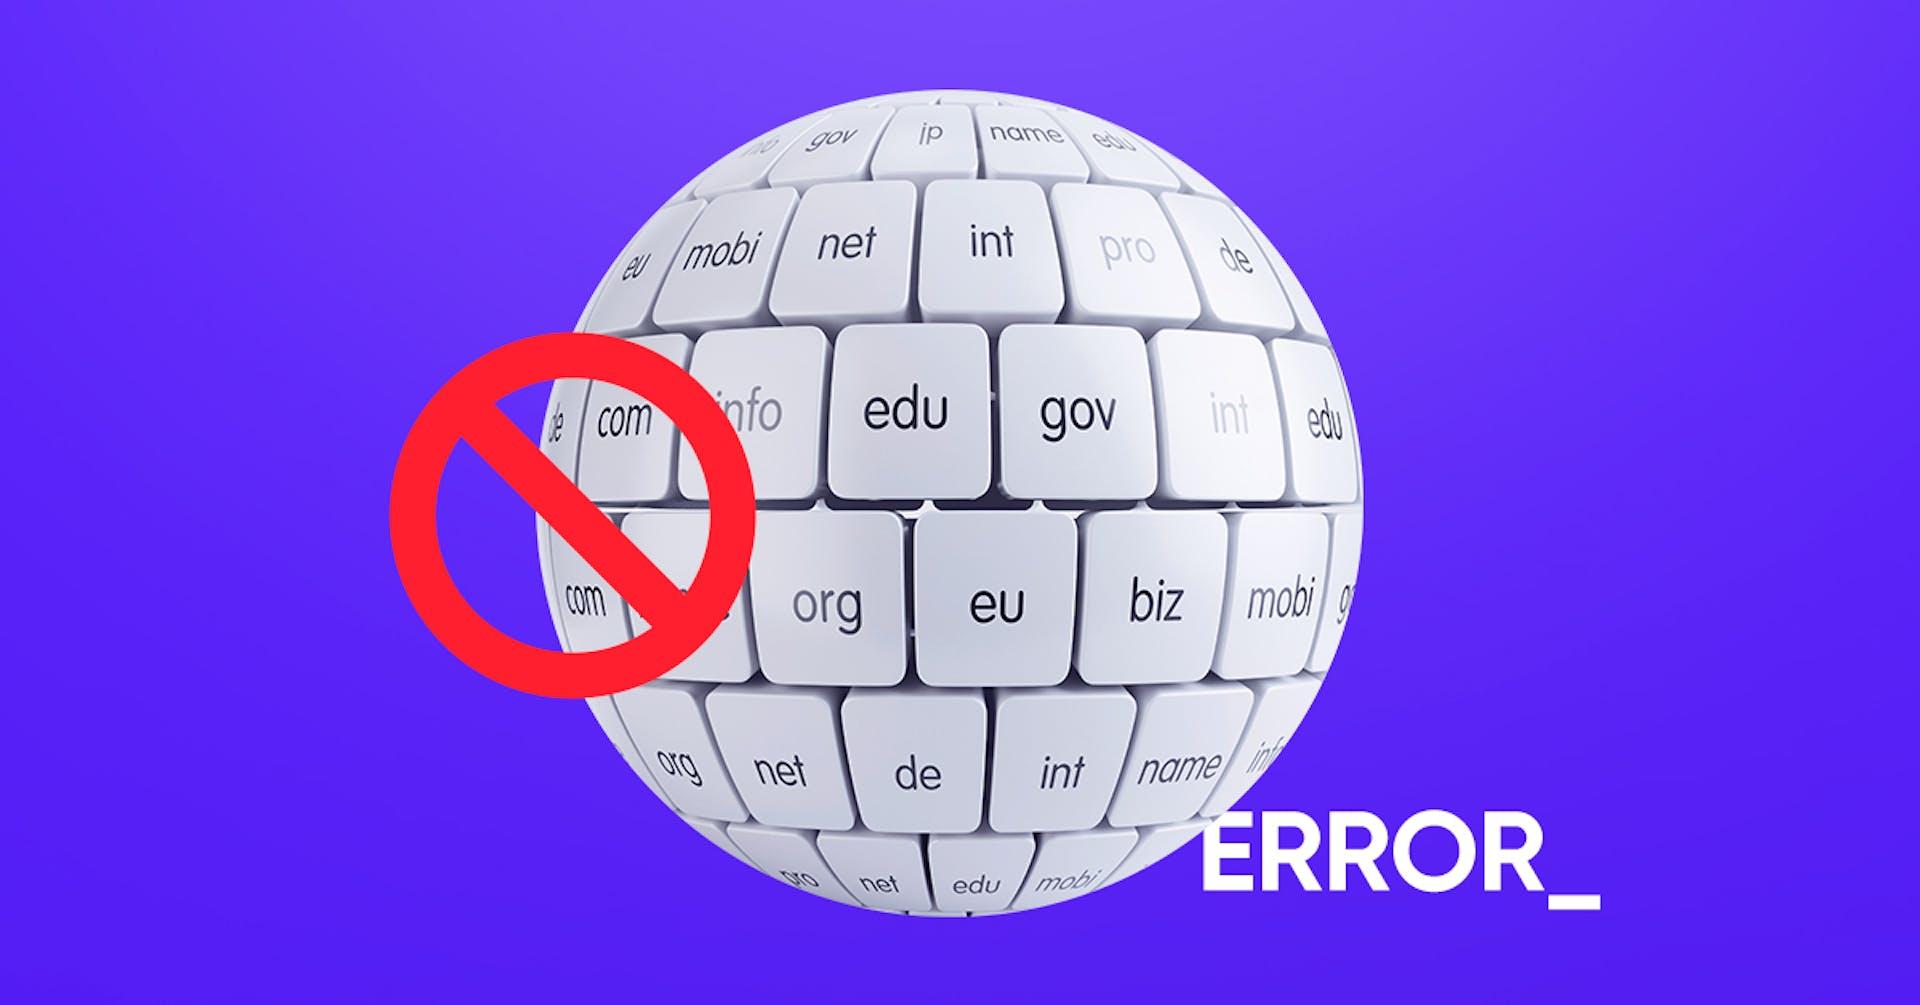 ¿El servidor DNS no responde? Aquí tienes los consejos para solucionarlo.